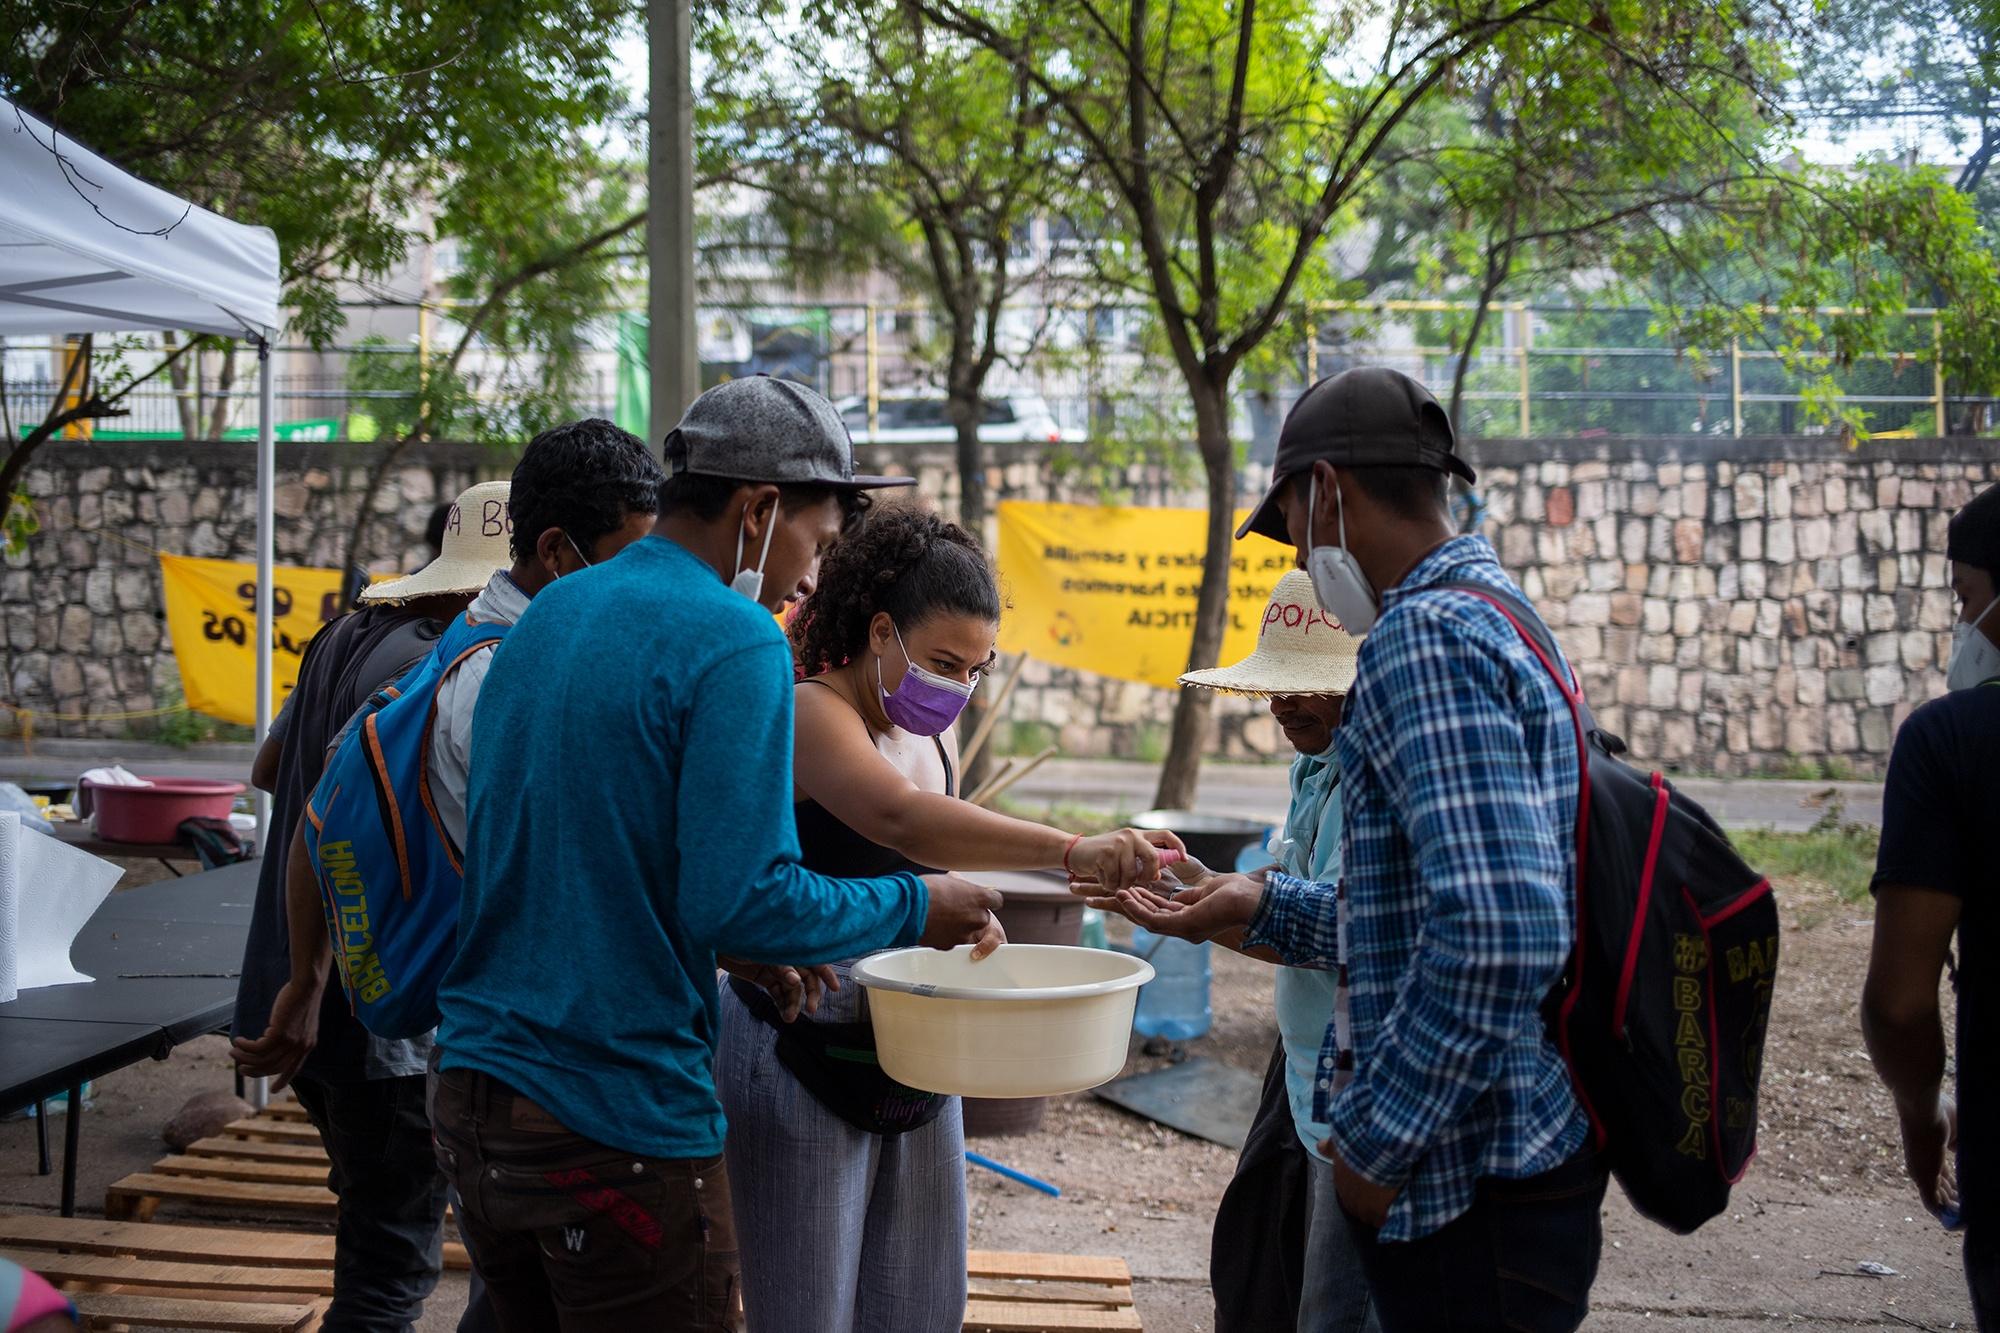 Lucía Enamorado, de la Red Nacional de Defensoras de Derechos Humanos en Honduras, ayuda a repartir comida durante el Campamento Feminista Viva Berta. Tegucigalpa, 17 de mayo de 2021. Foto: Martín Cálix.